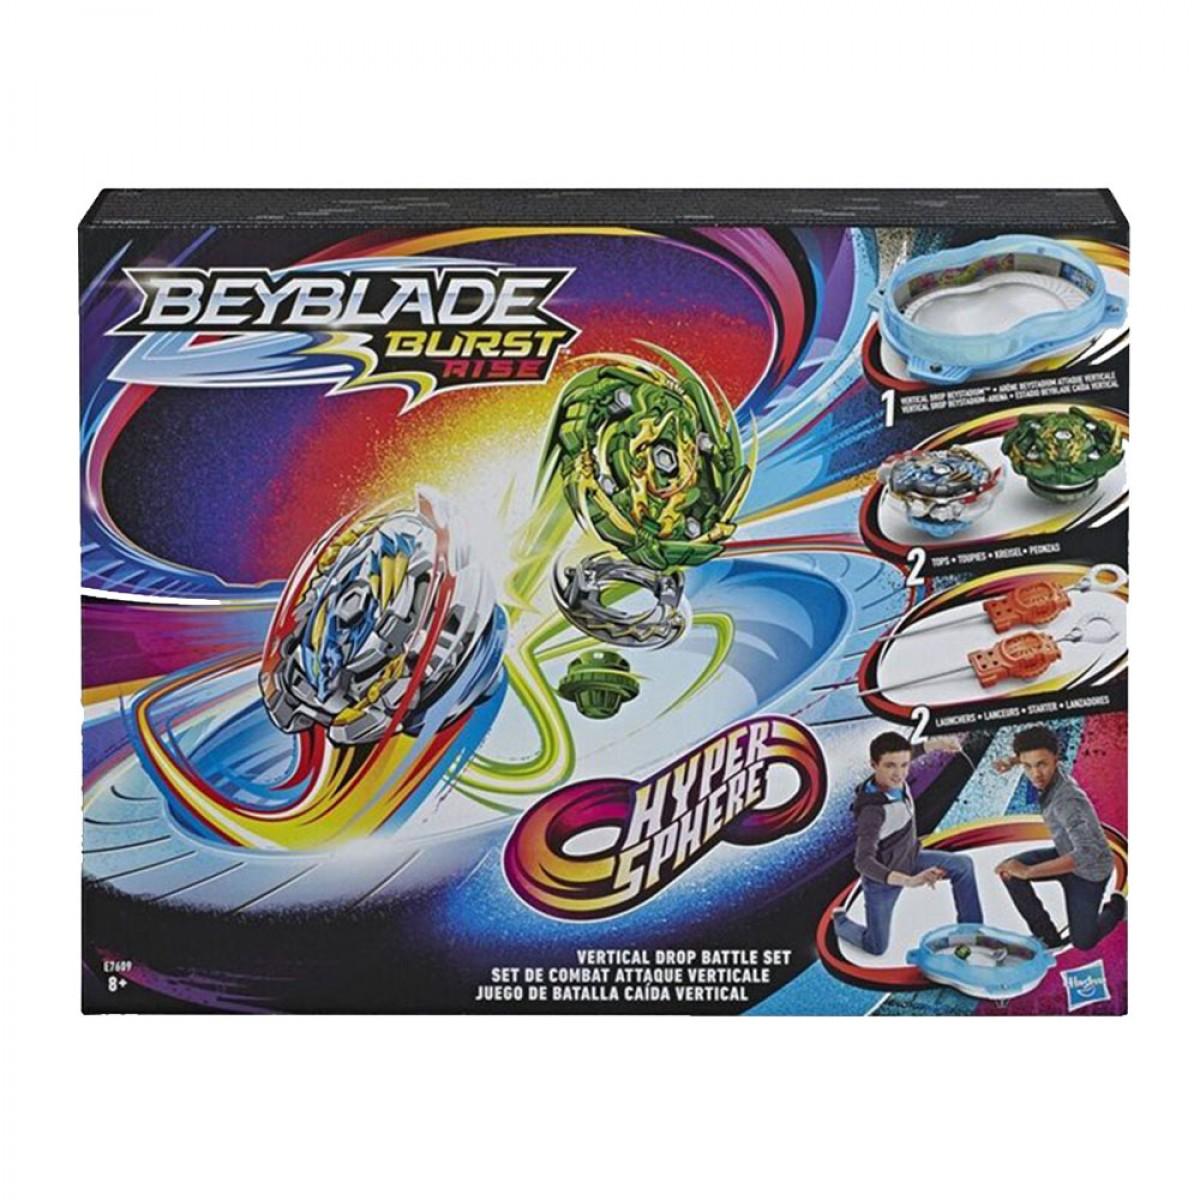 BEYBLADE VERTICAL DROP BATTLE SET  7609